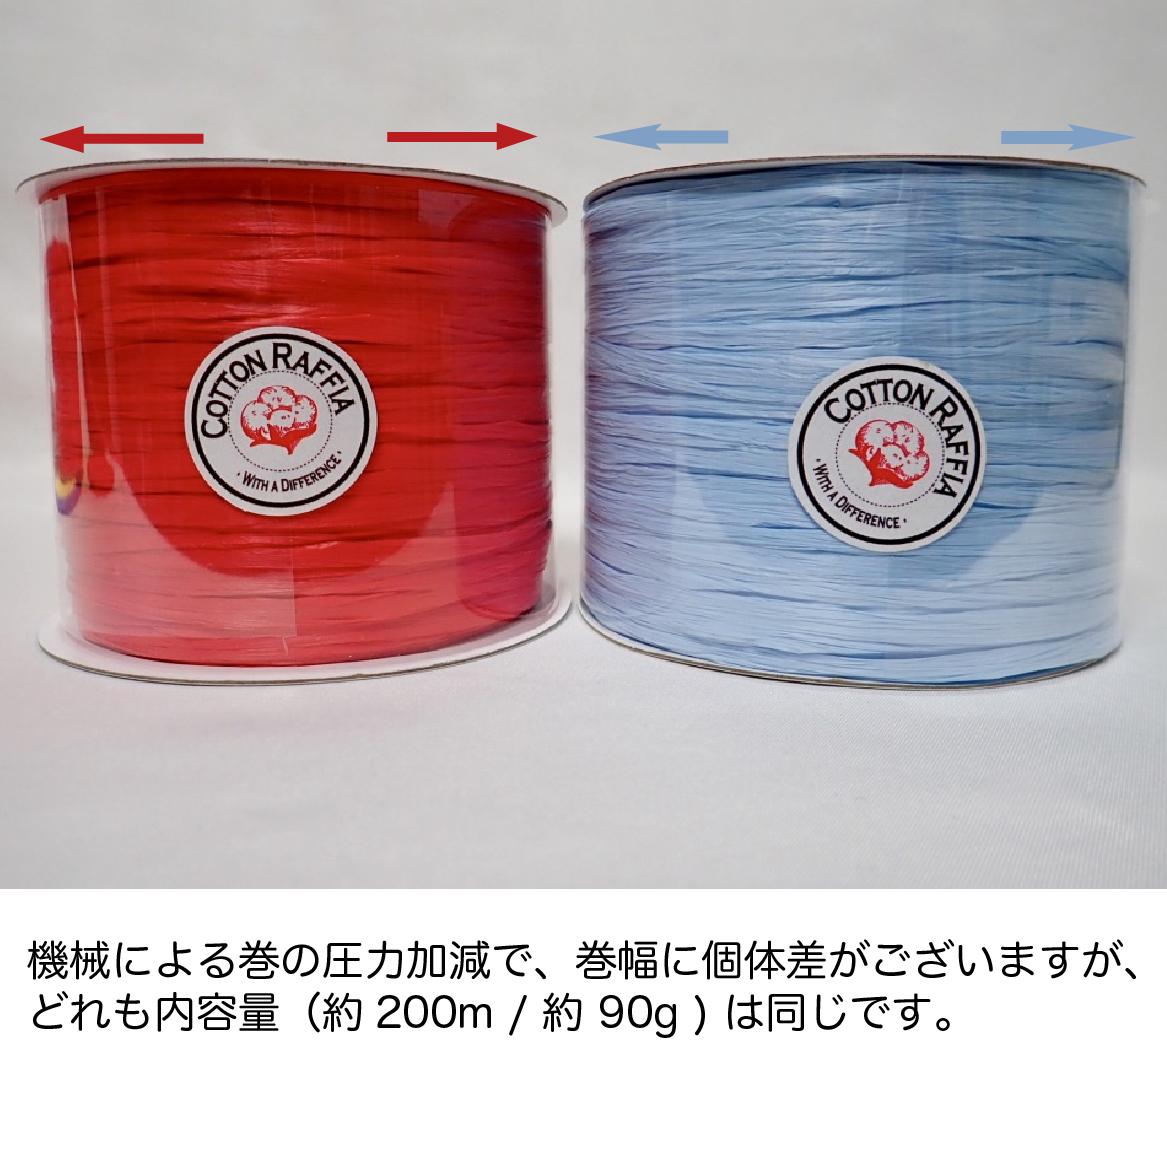 〈キット〉竹籠鞄(竹かごバッグ)キット(ブラックファー) Designed by the723garment